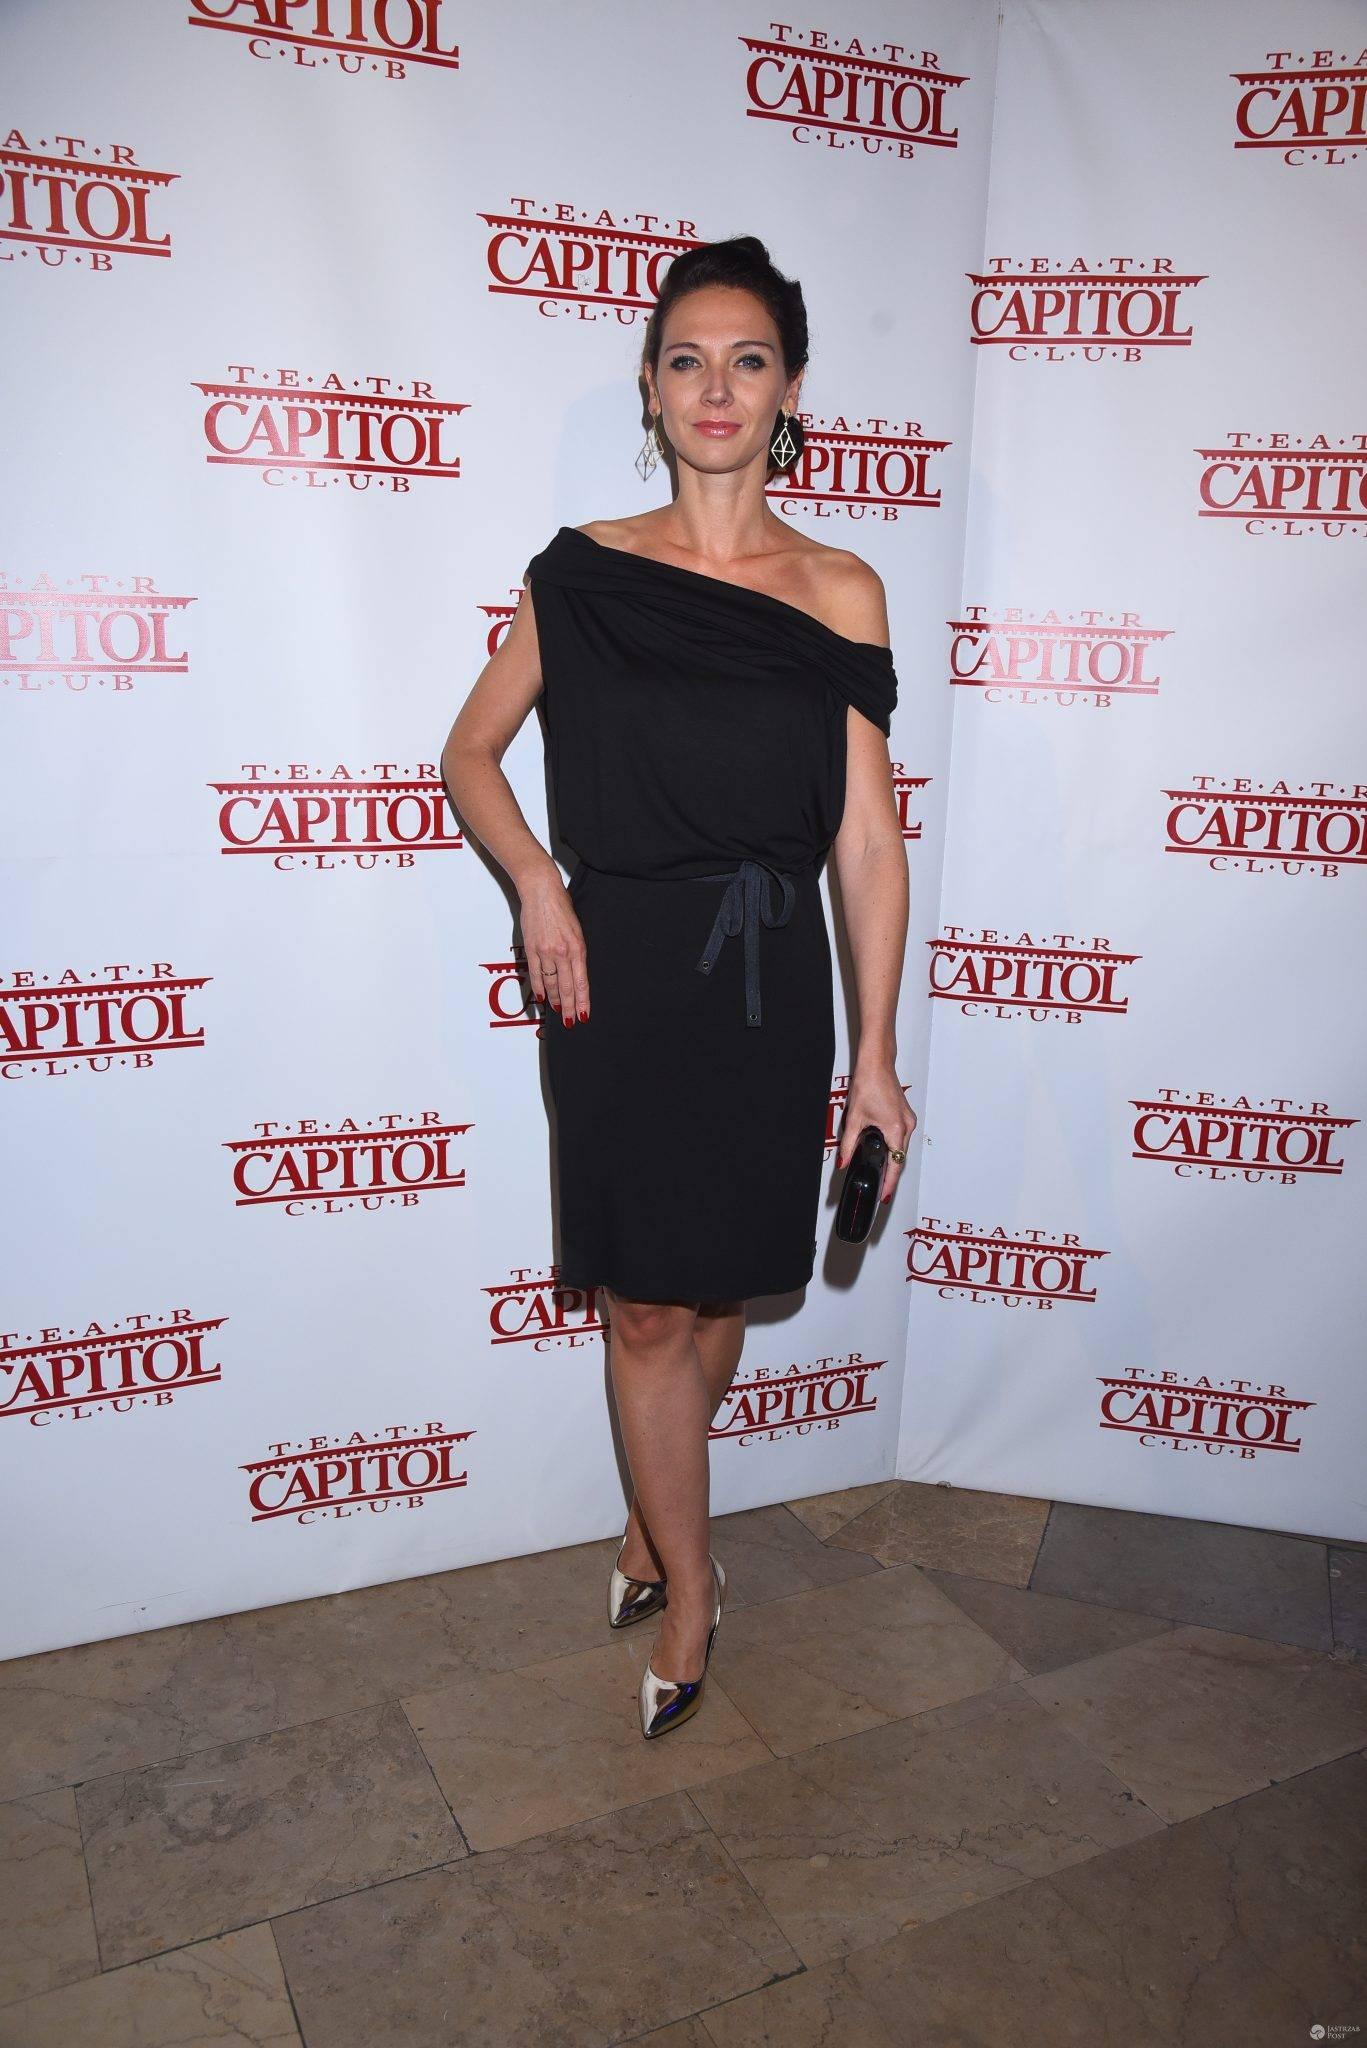 Angelika Piechowiak - premiera w Teatrze Capitol: Zdobyć, Utrzymać, Porzucić 2. Rozstania i Powroty